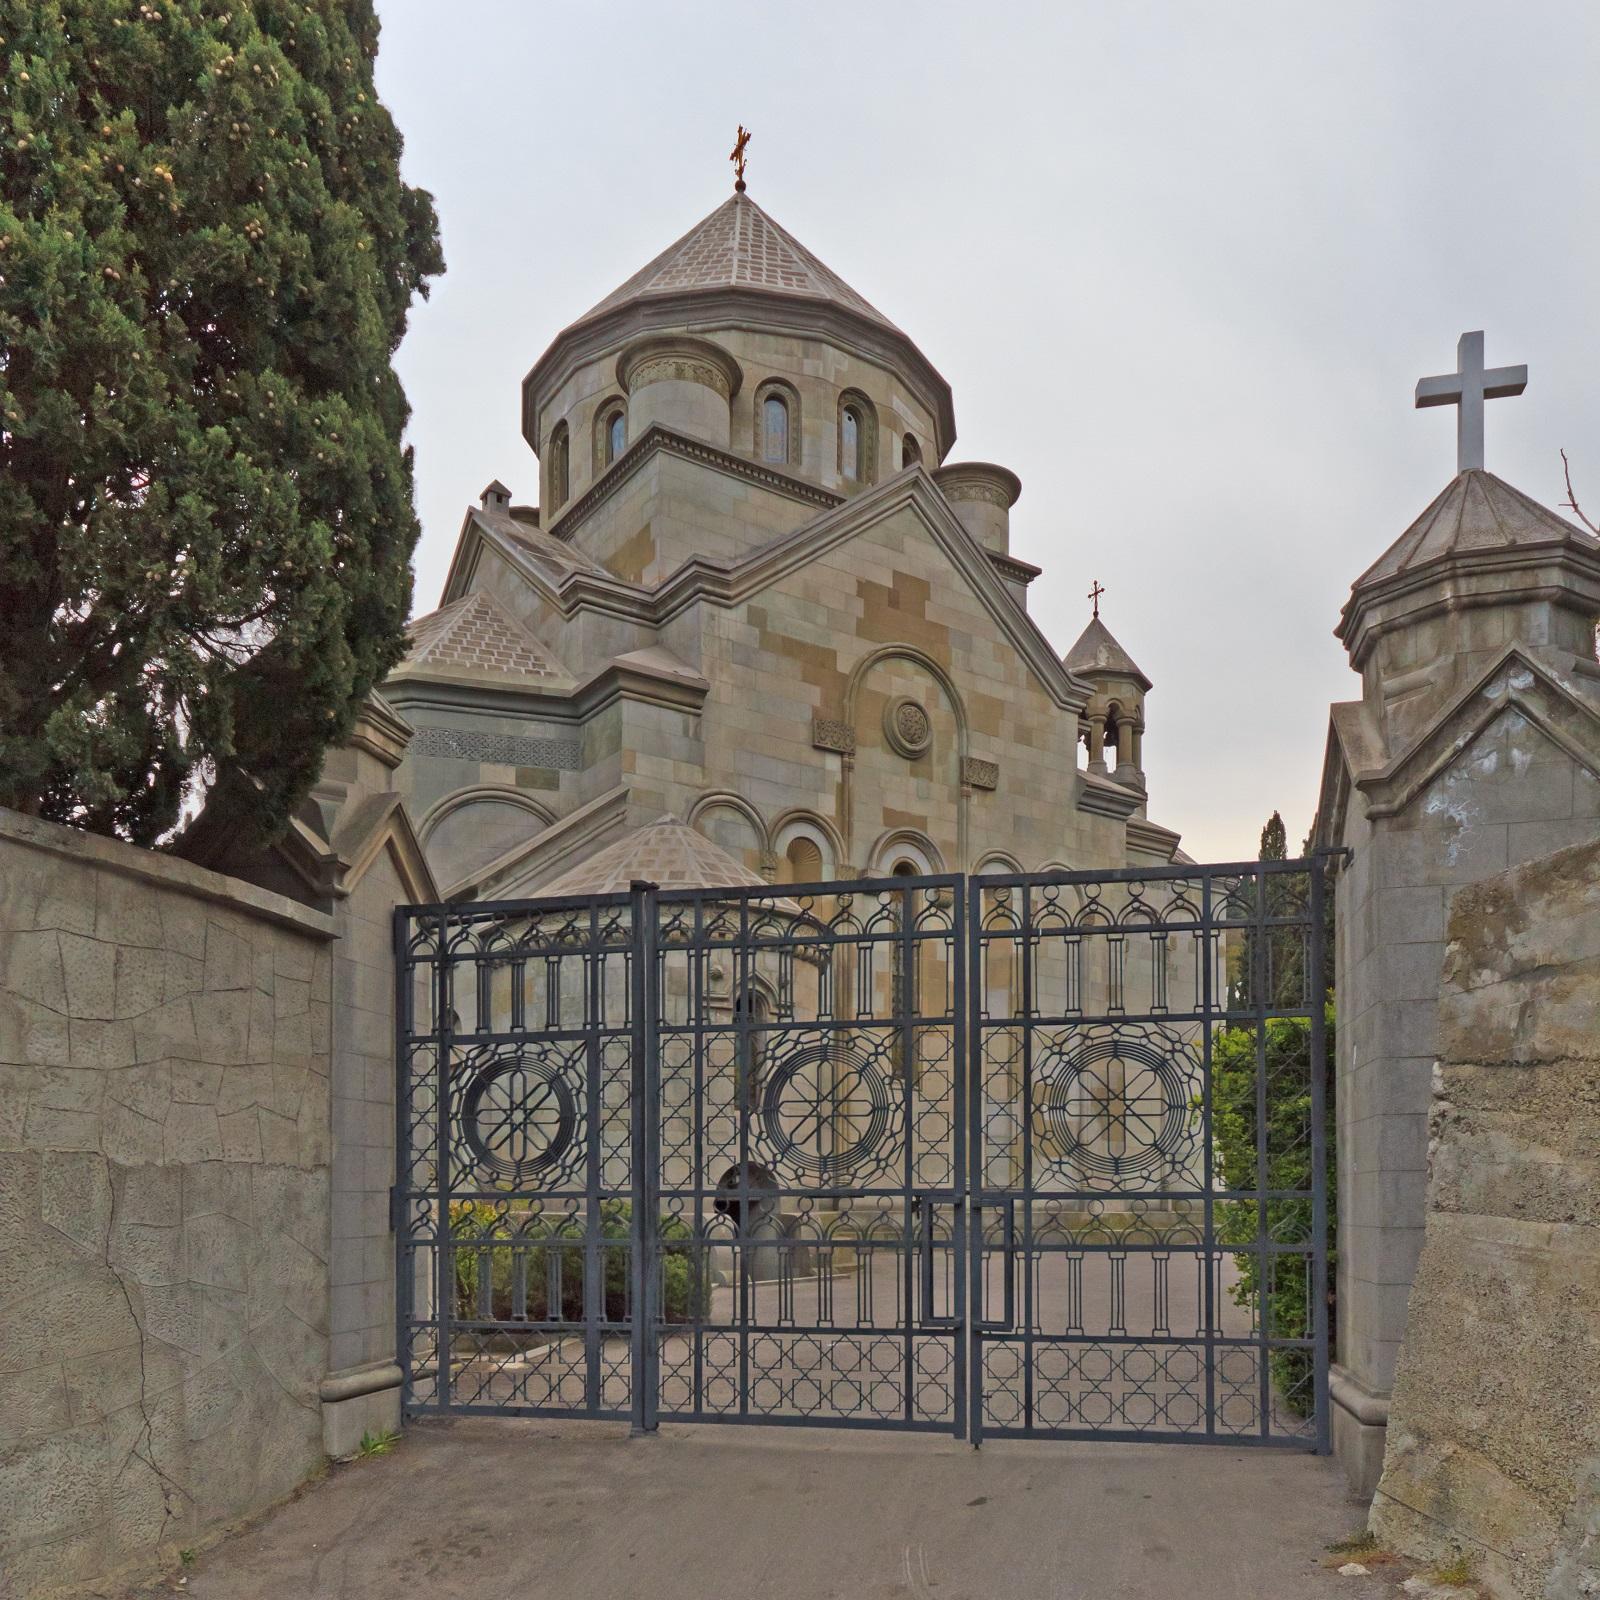 Армянская церковь в Ялте (церковь Святой Рипсиме)